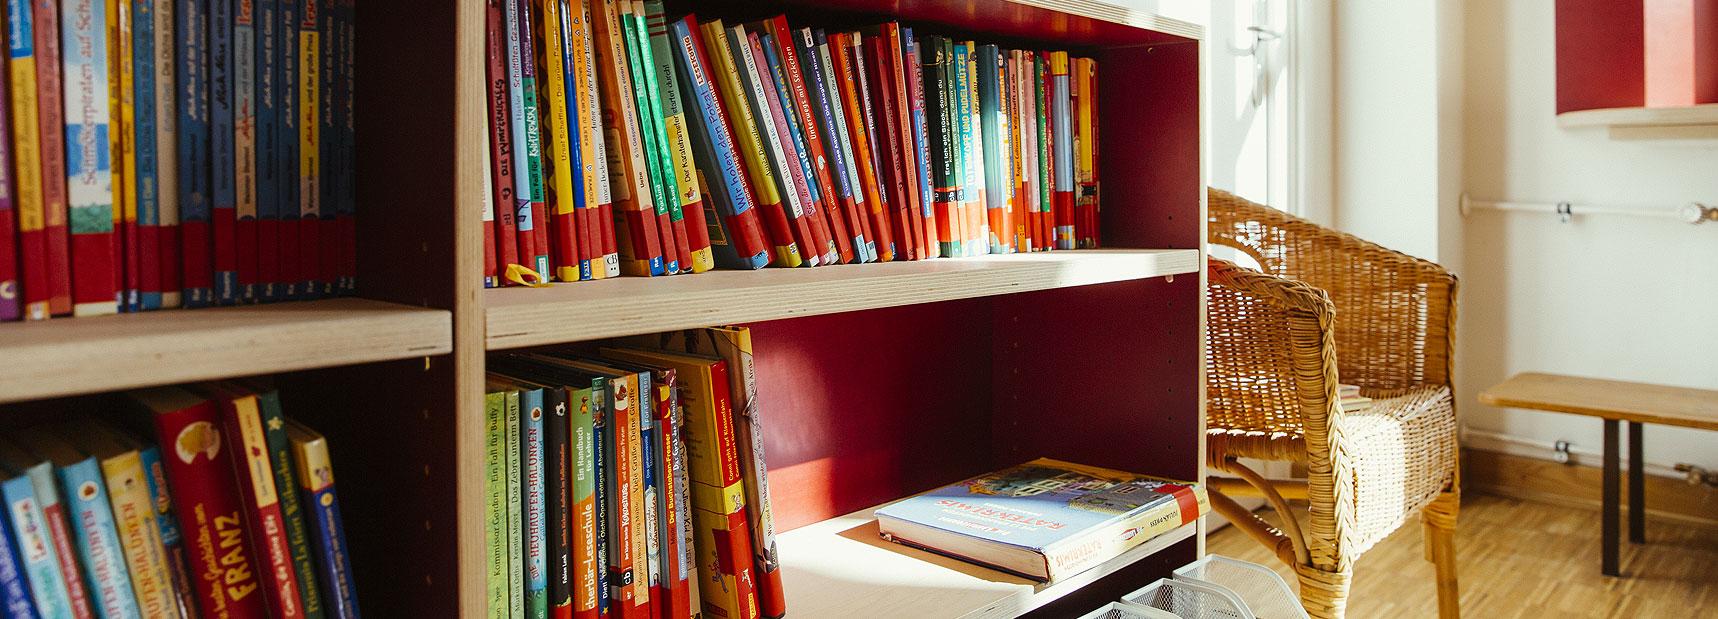 Schulbücherei mit einem roten Regal vieler Kinderbücher. Daneben steht ein Korbsessel.